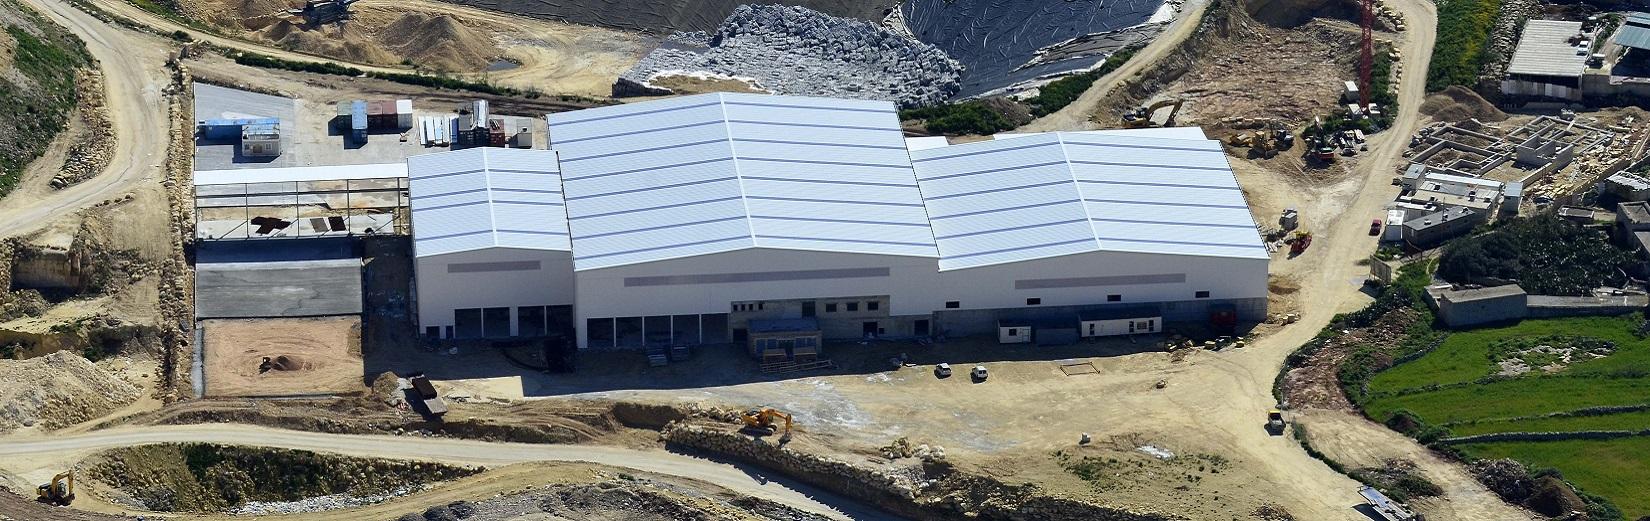 Prefabrykowane hale metalowe o dużym prześwicie i modułowych konstrukcjach metalowych.